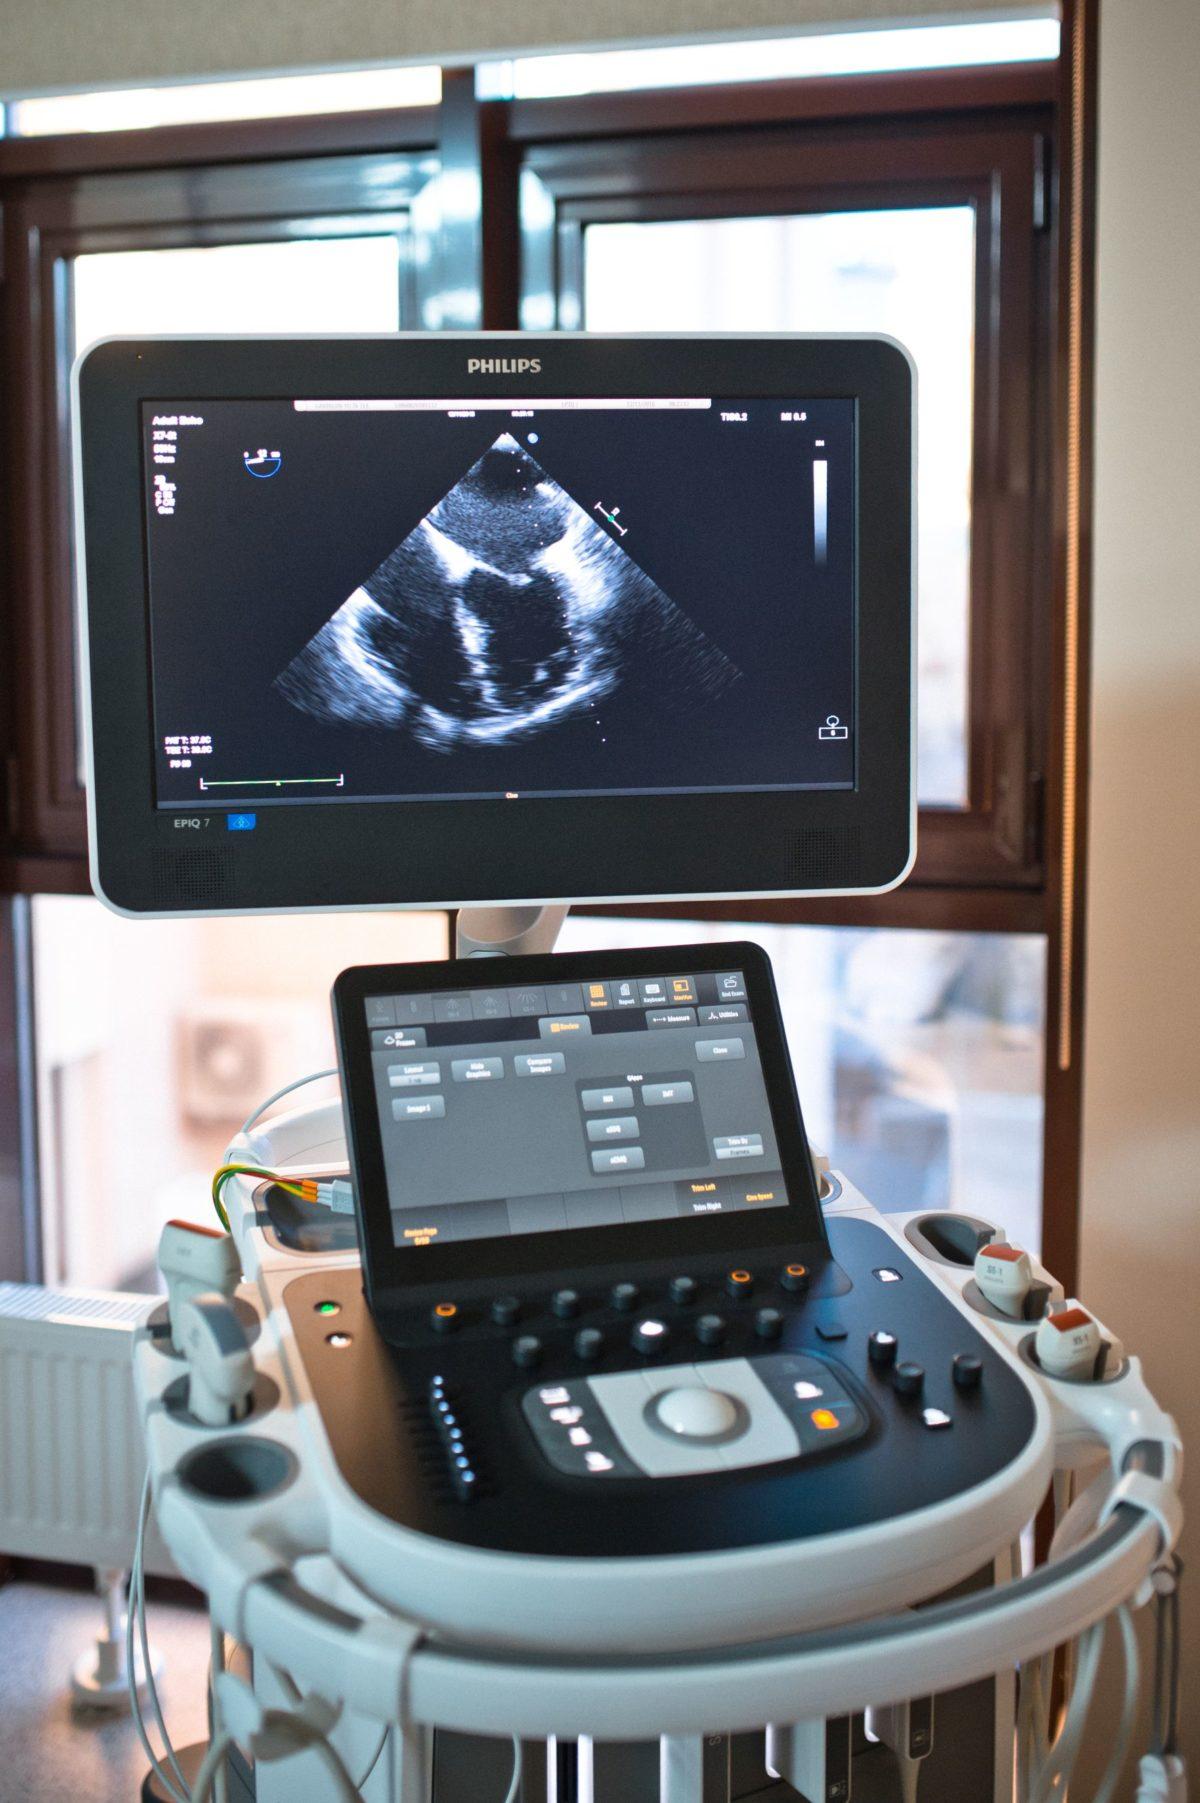 УЗИ в «Олимпе Здоровья» выполняются на ультрасовременных сканерах